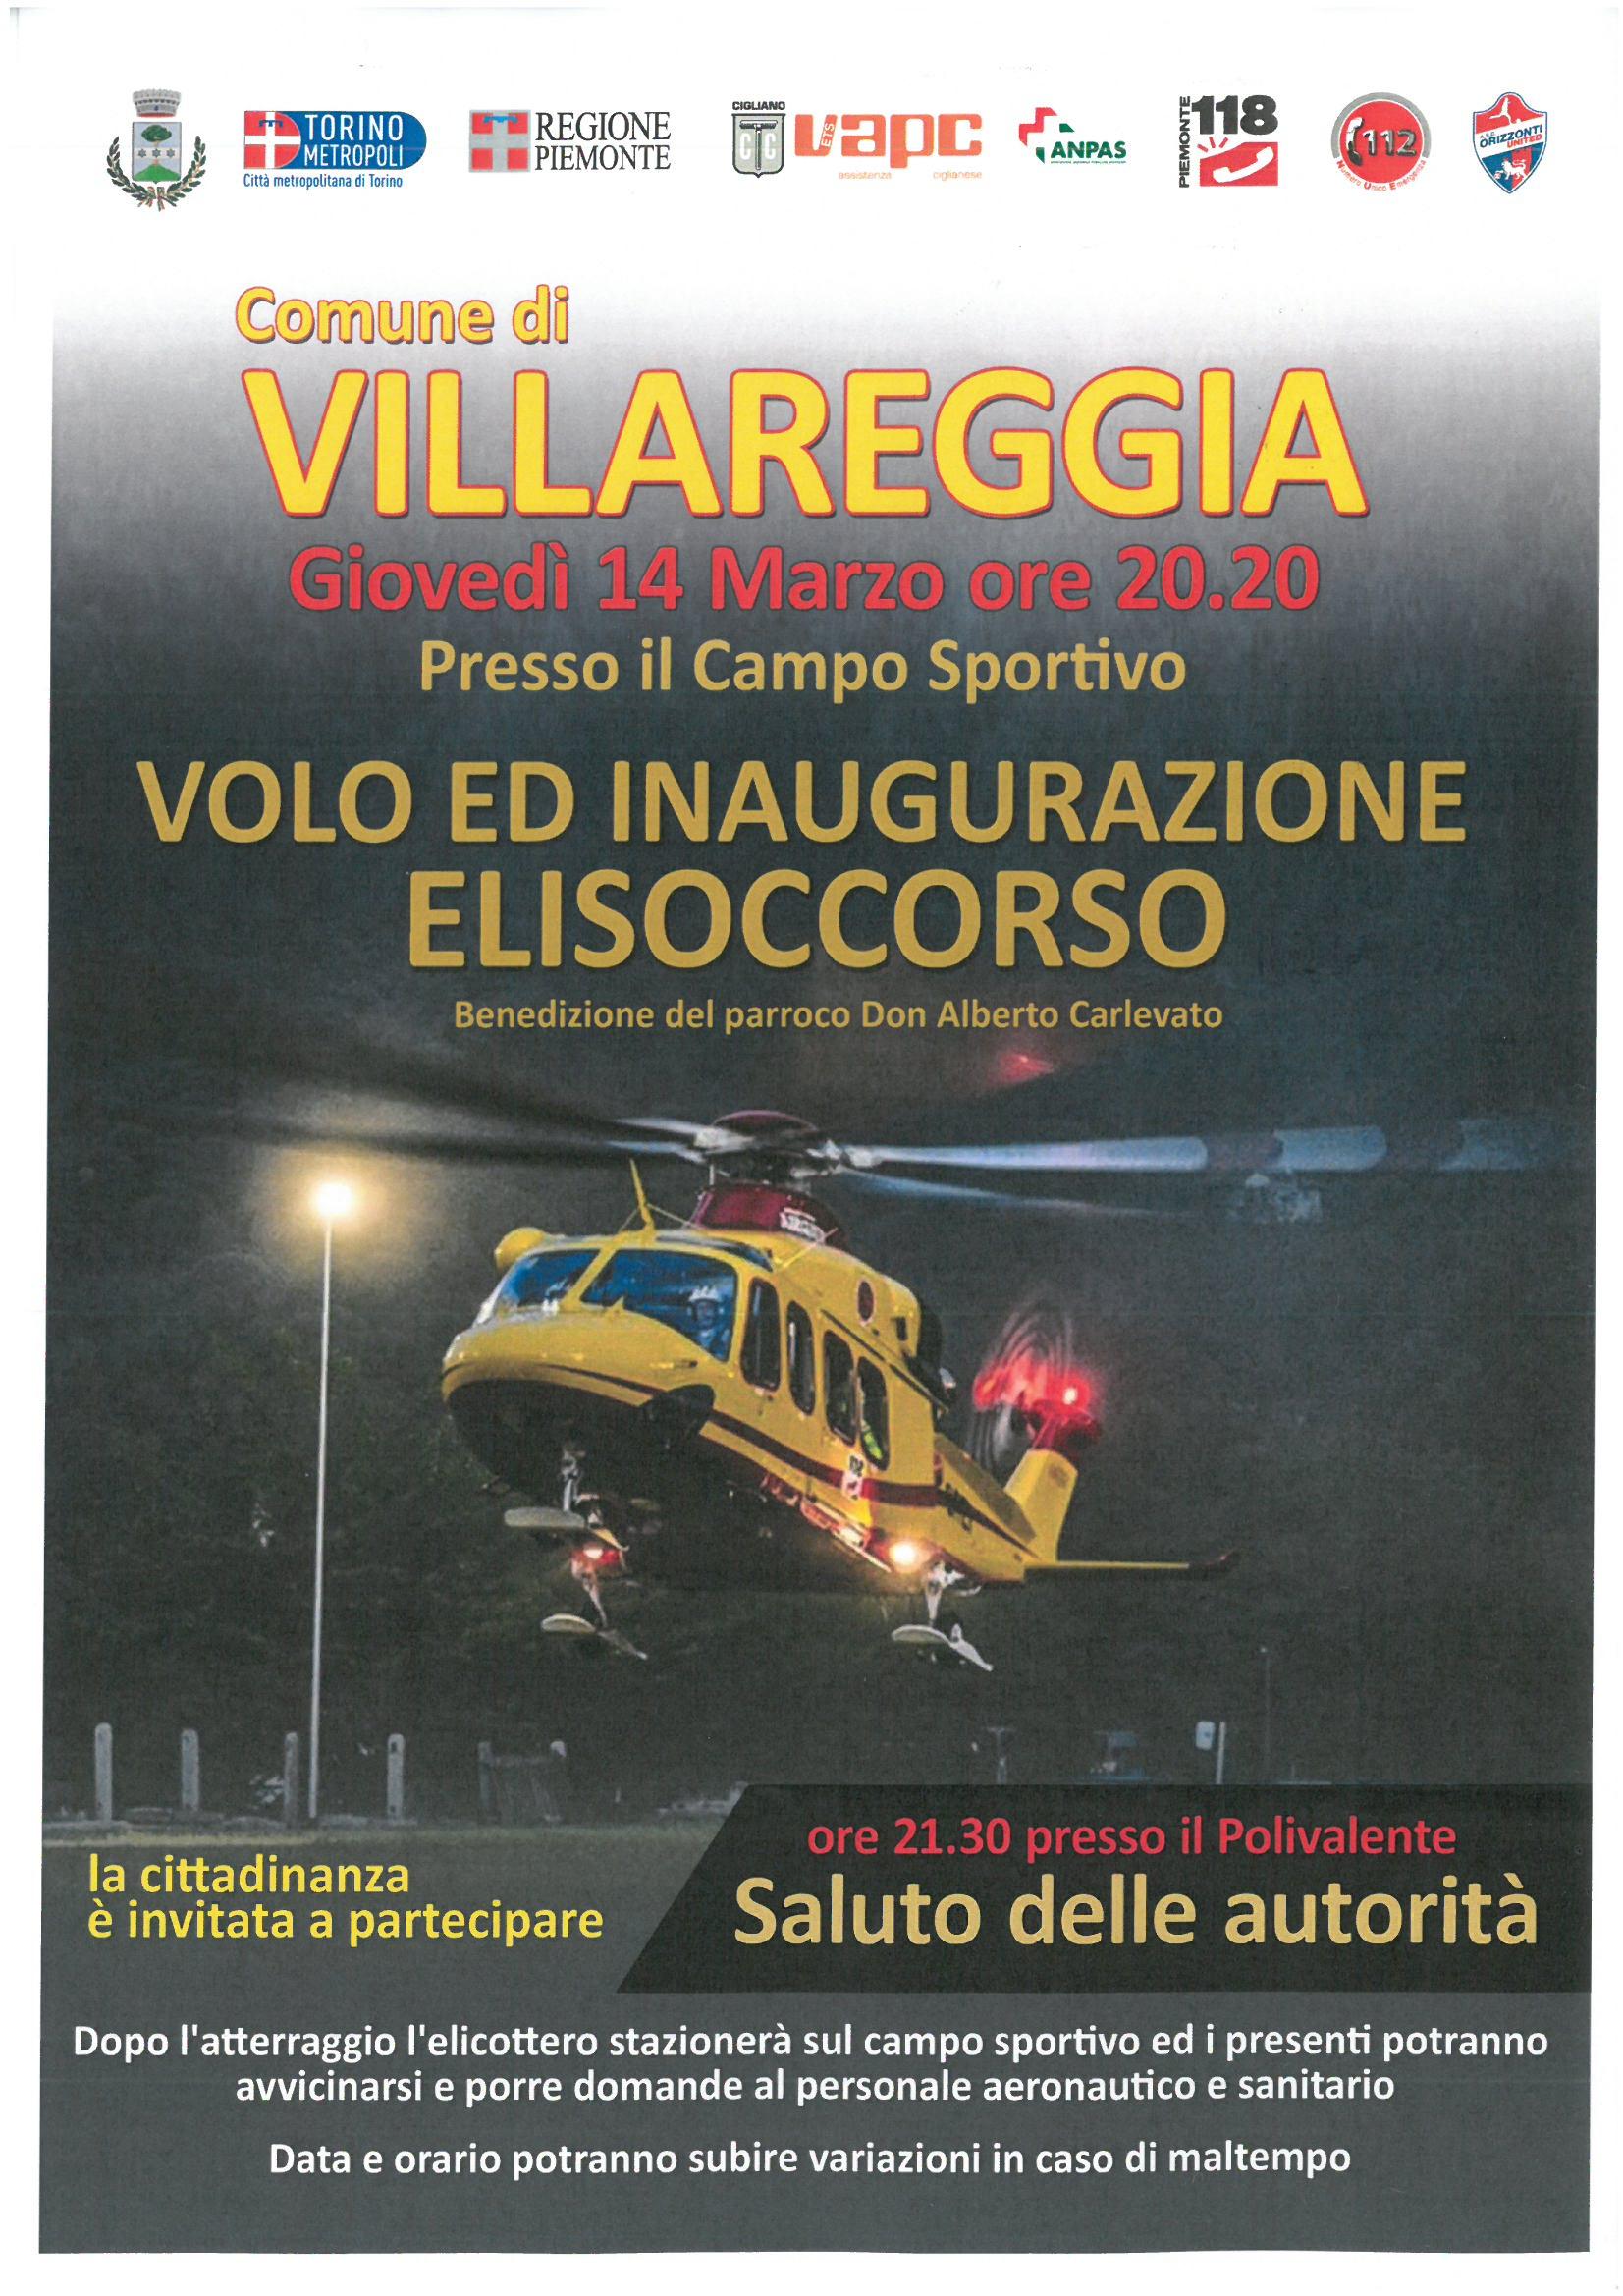 Inaugurazione volo notturno elisoccorso Piemonte 118